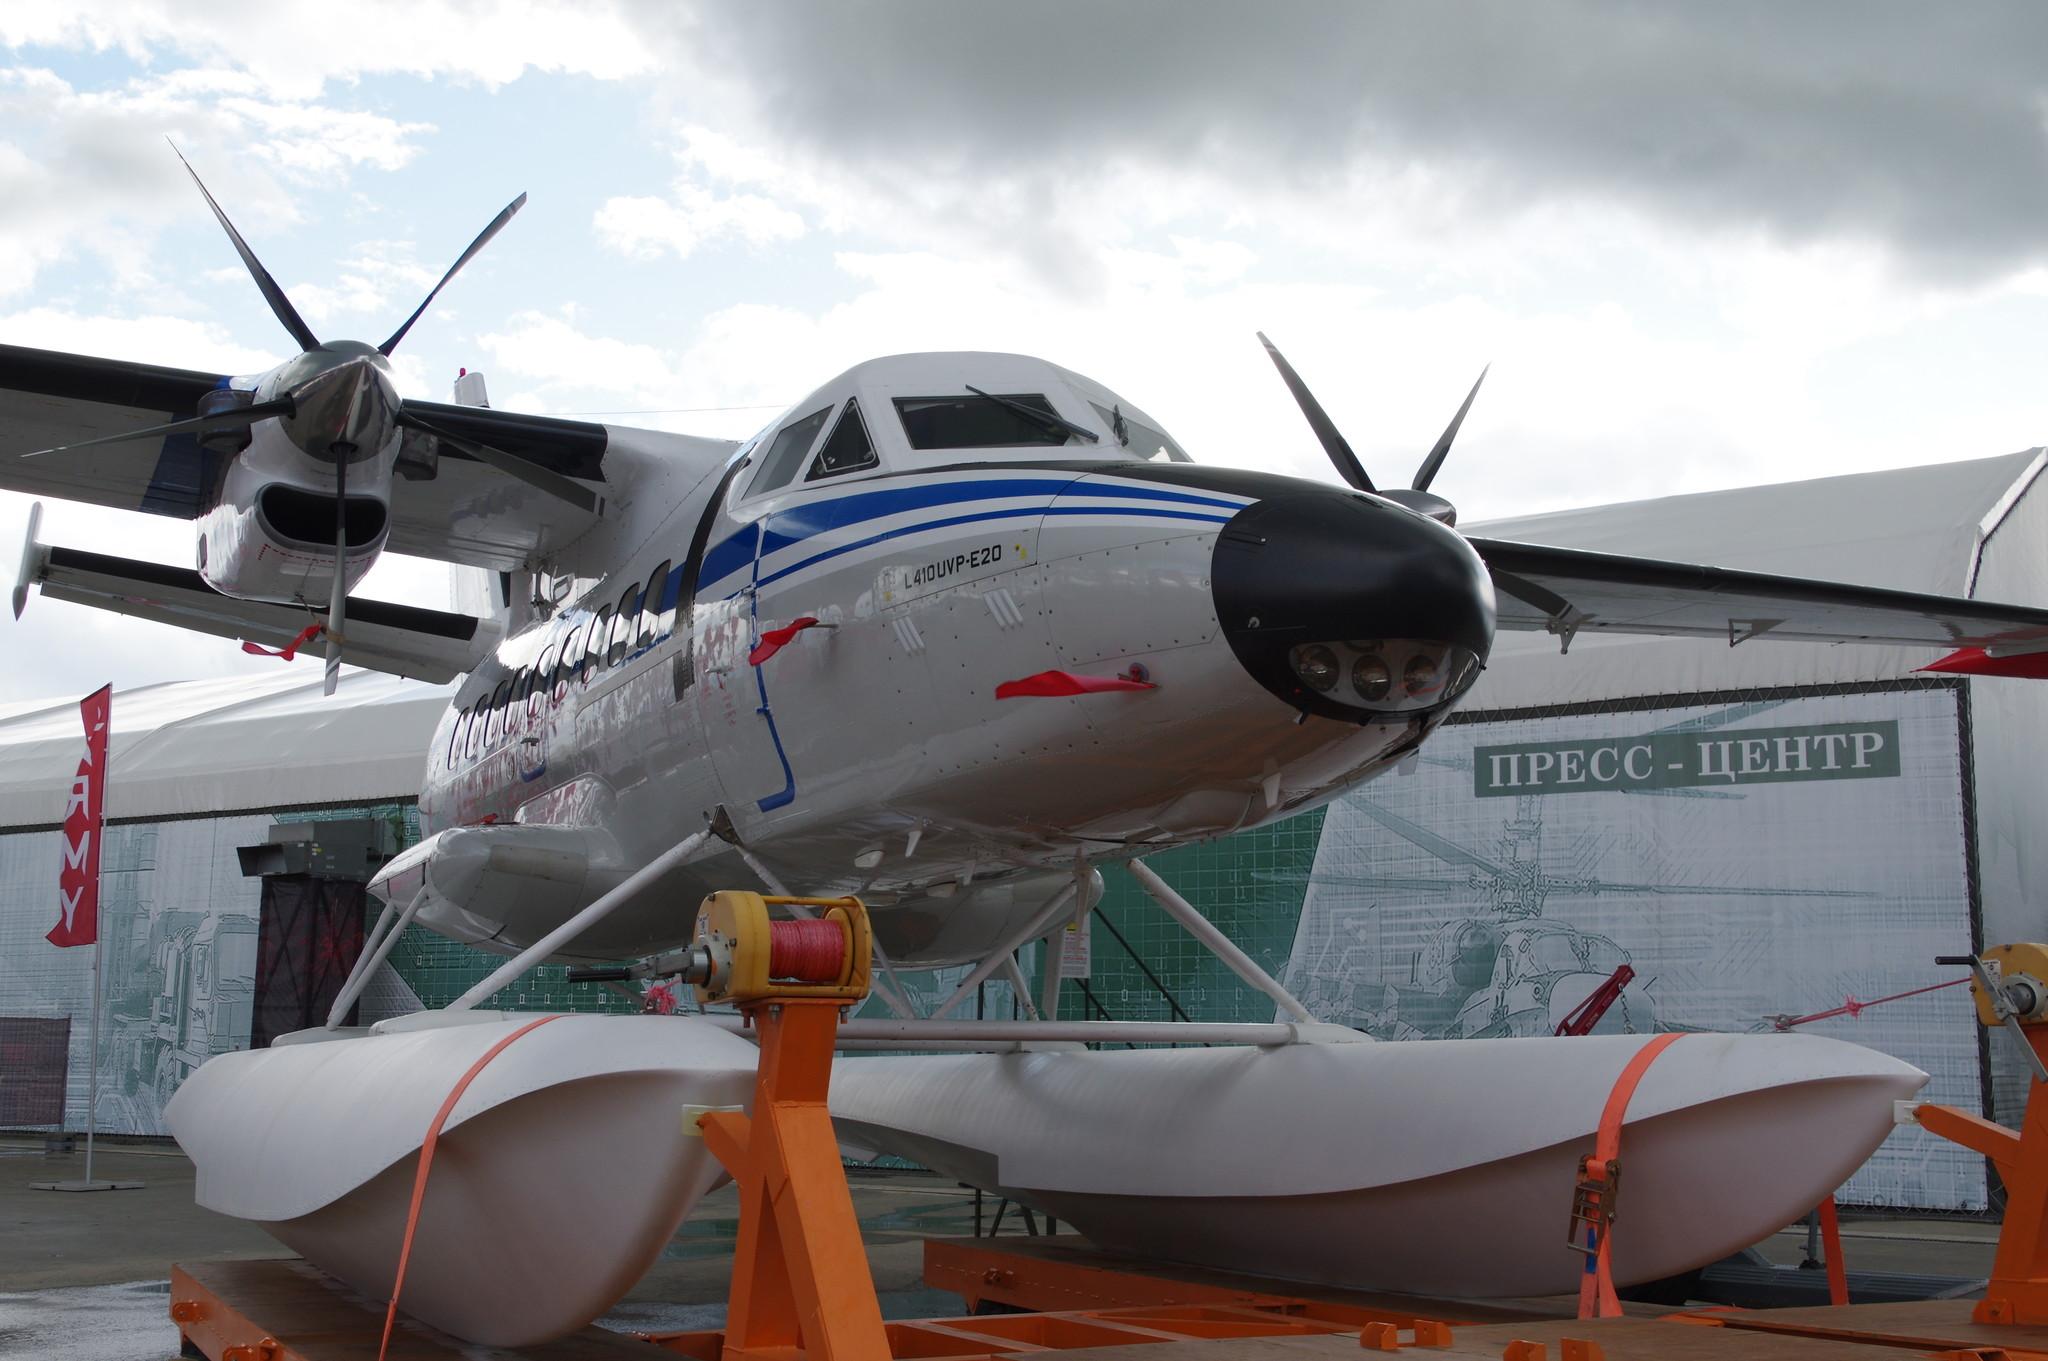 Лёгкий многоцелевой самолёт L-410 UVP-E20, оснащённый поплавковым шасси